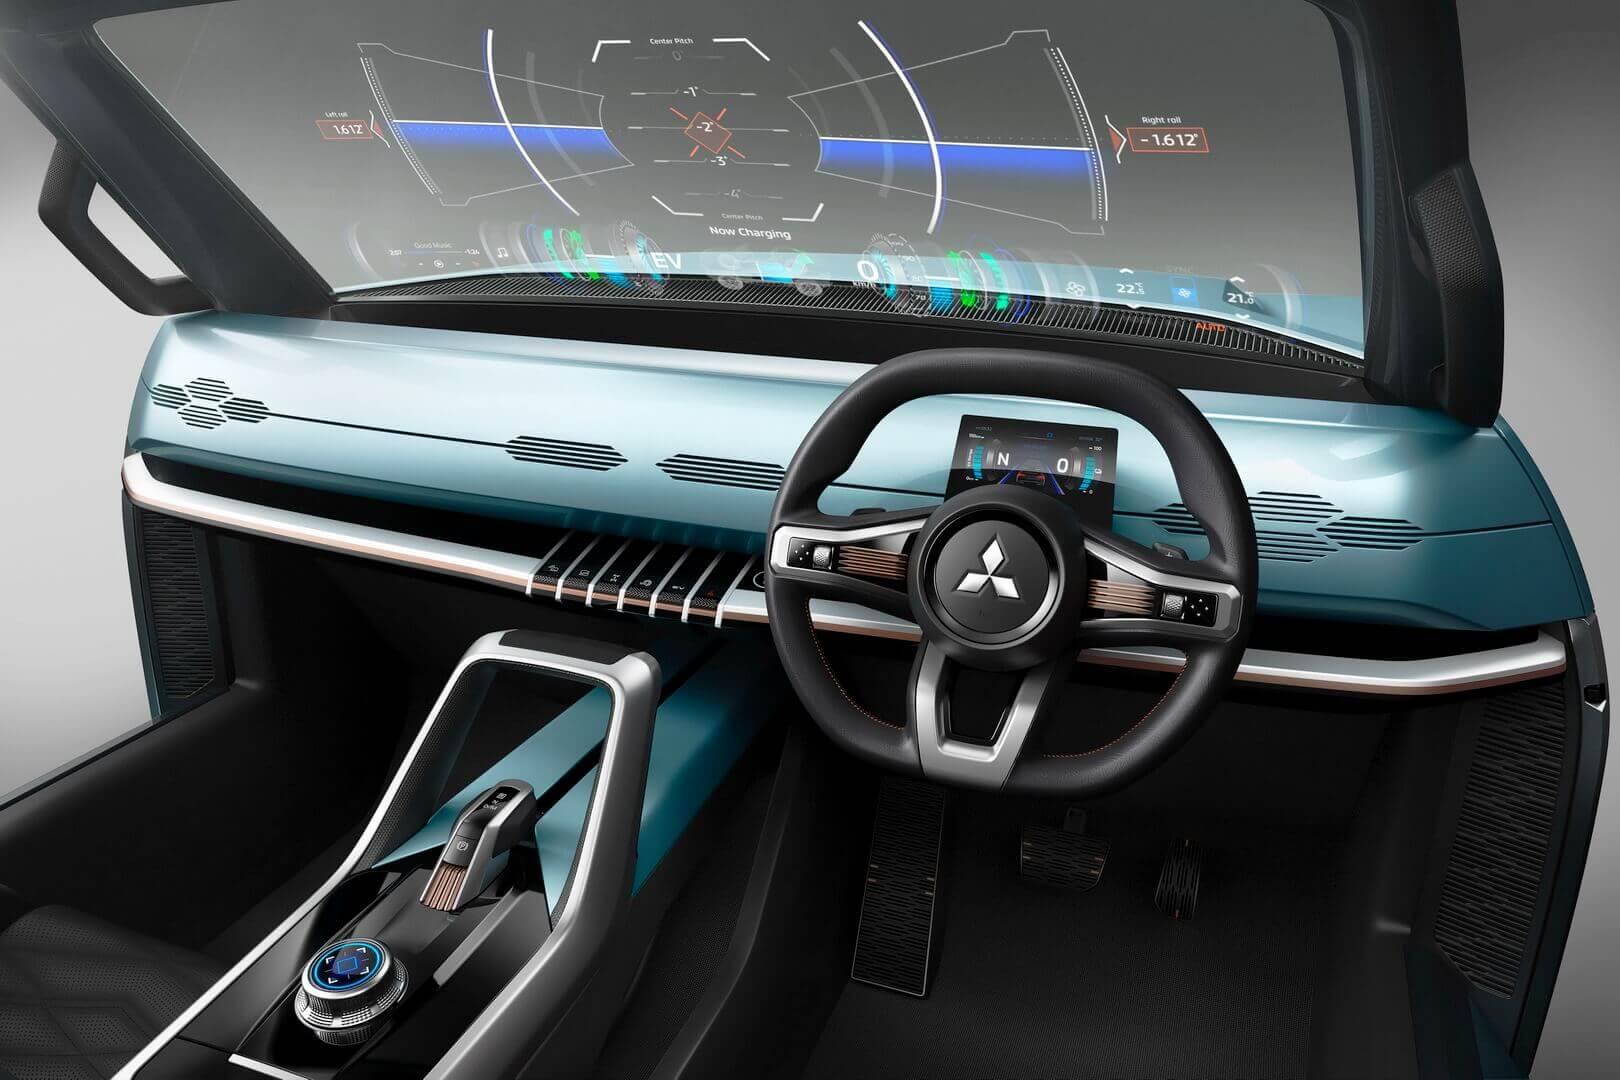 Mitsubishi Mi-Tech оснащен интерфейсом HMI, который позволяет отображать различную информацию на лобовом стекле